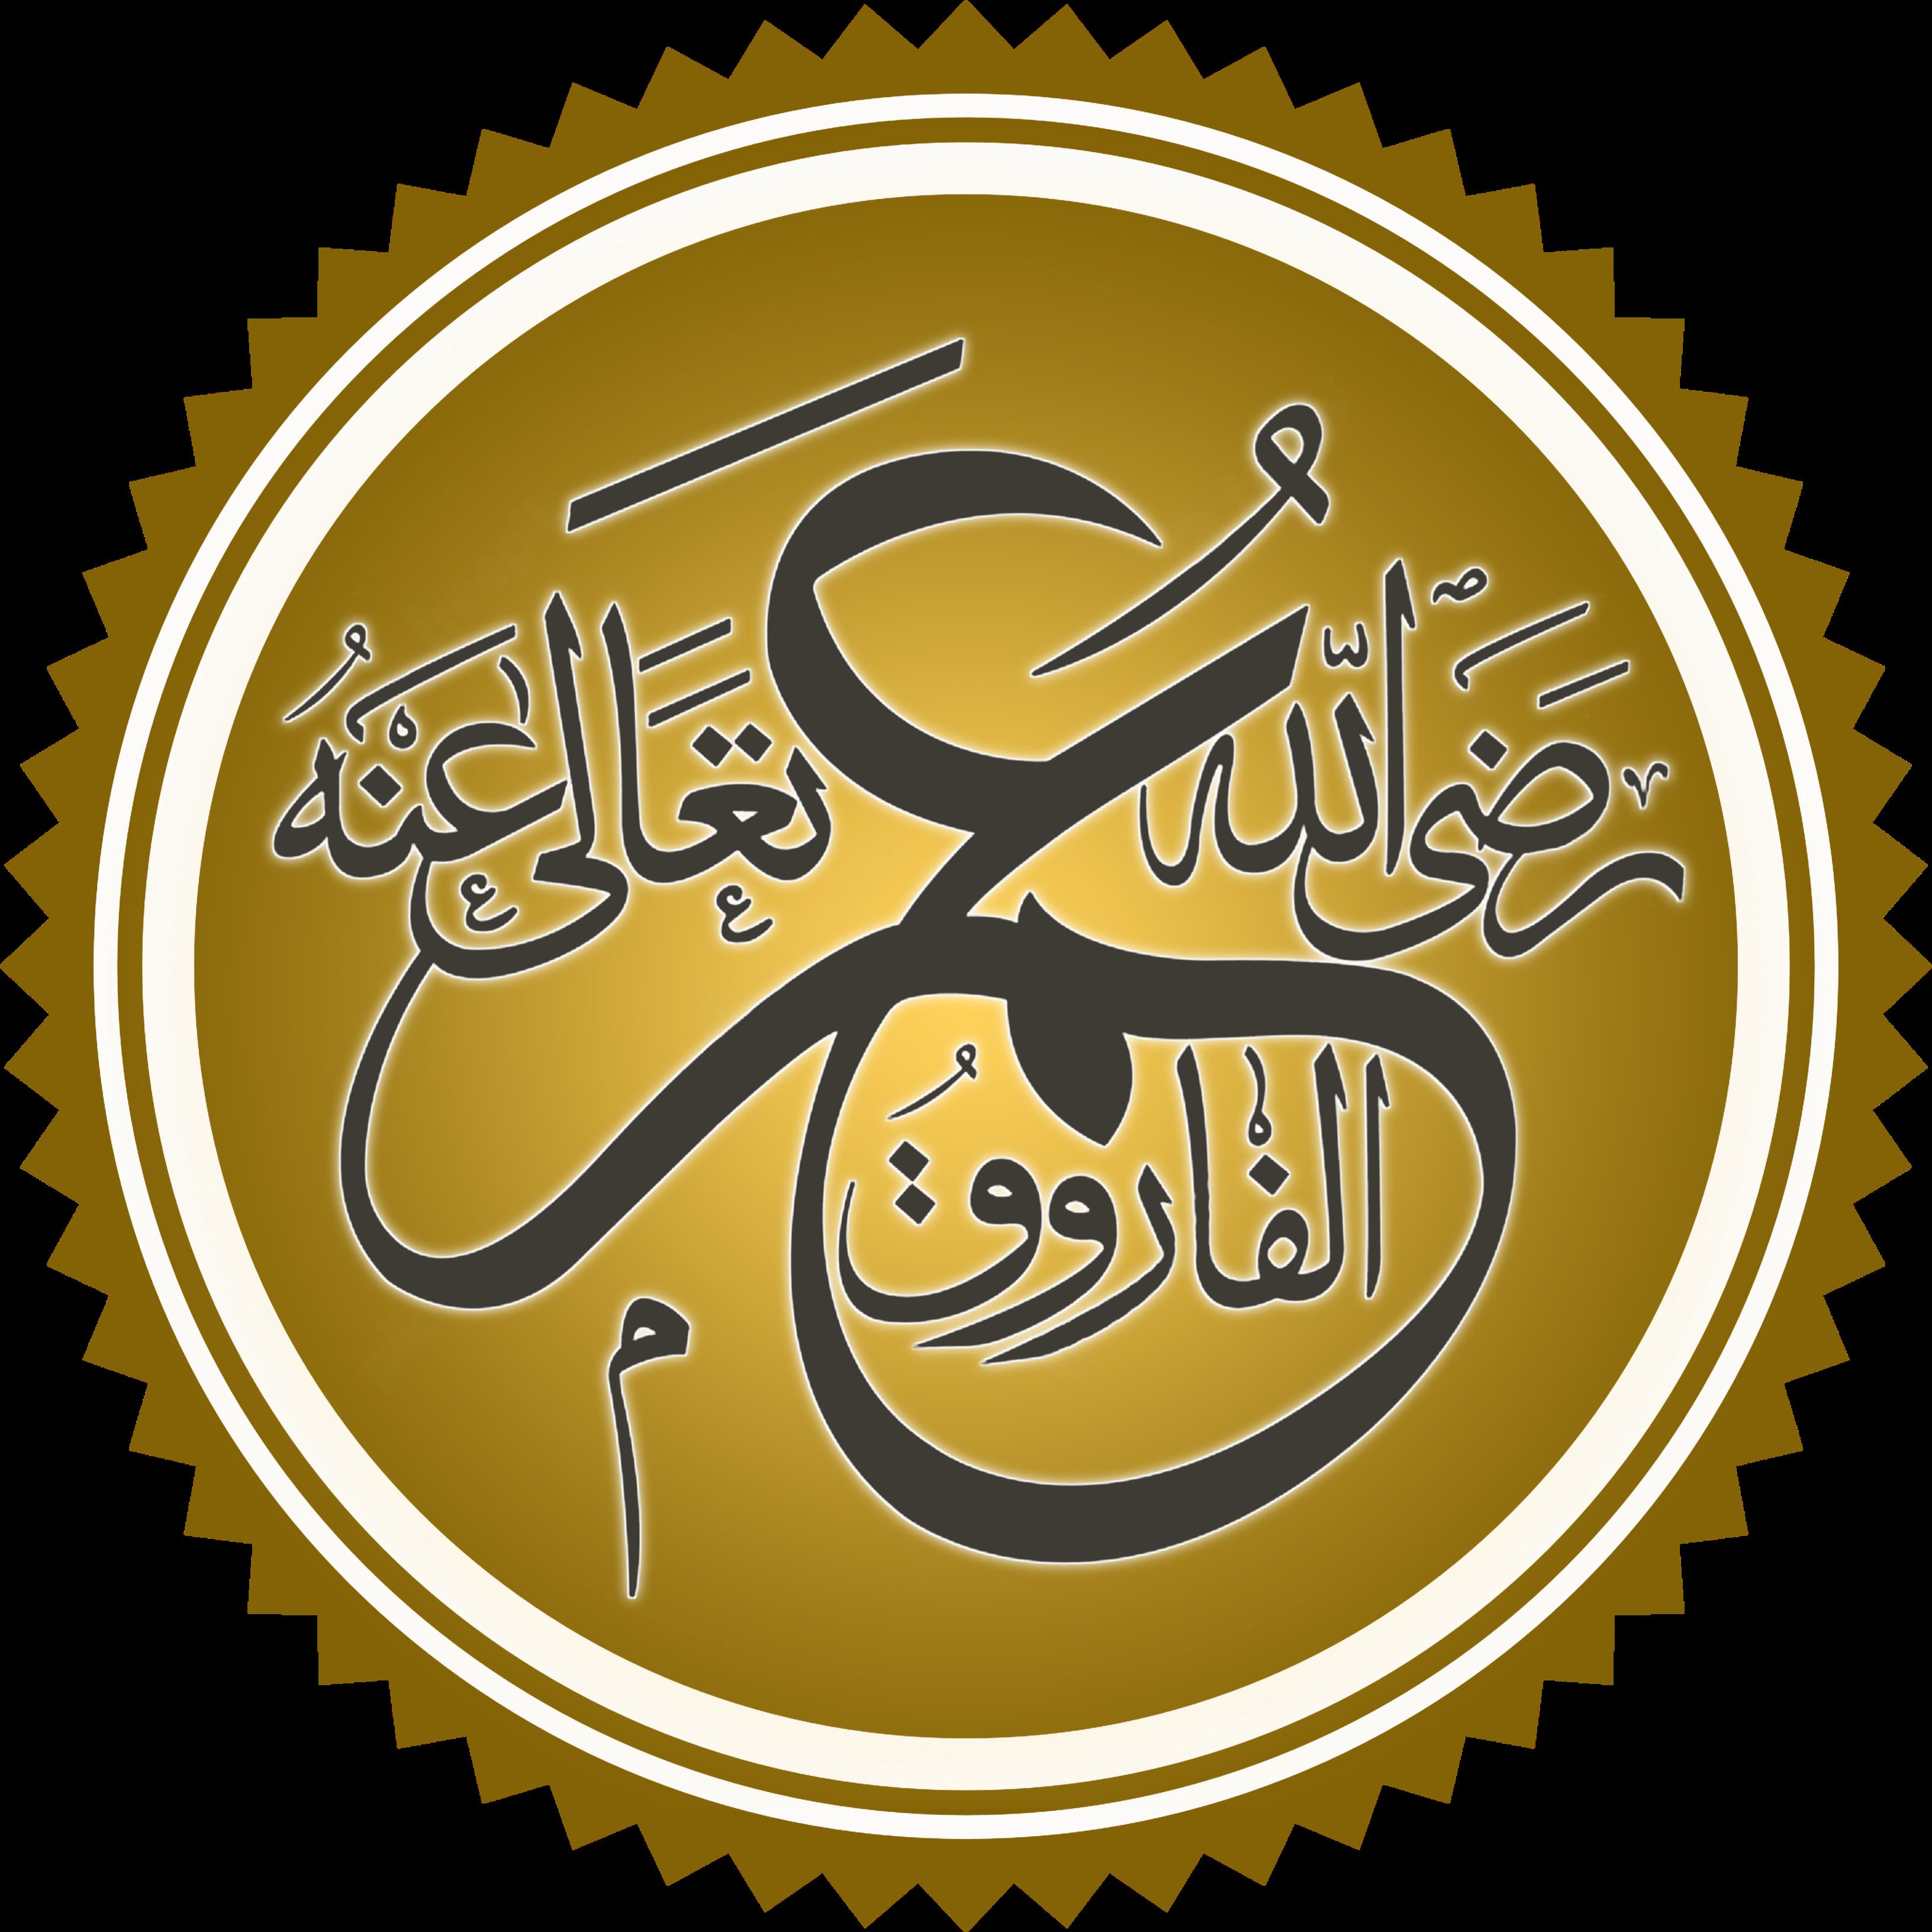 سلسلة قصص الصحابة::سيدنا عمر بن الخطاب hayah_1341669999_789.jpg